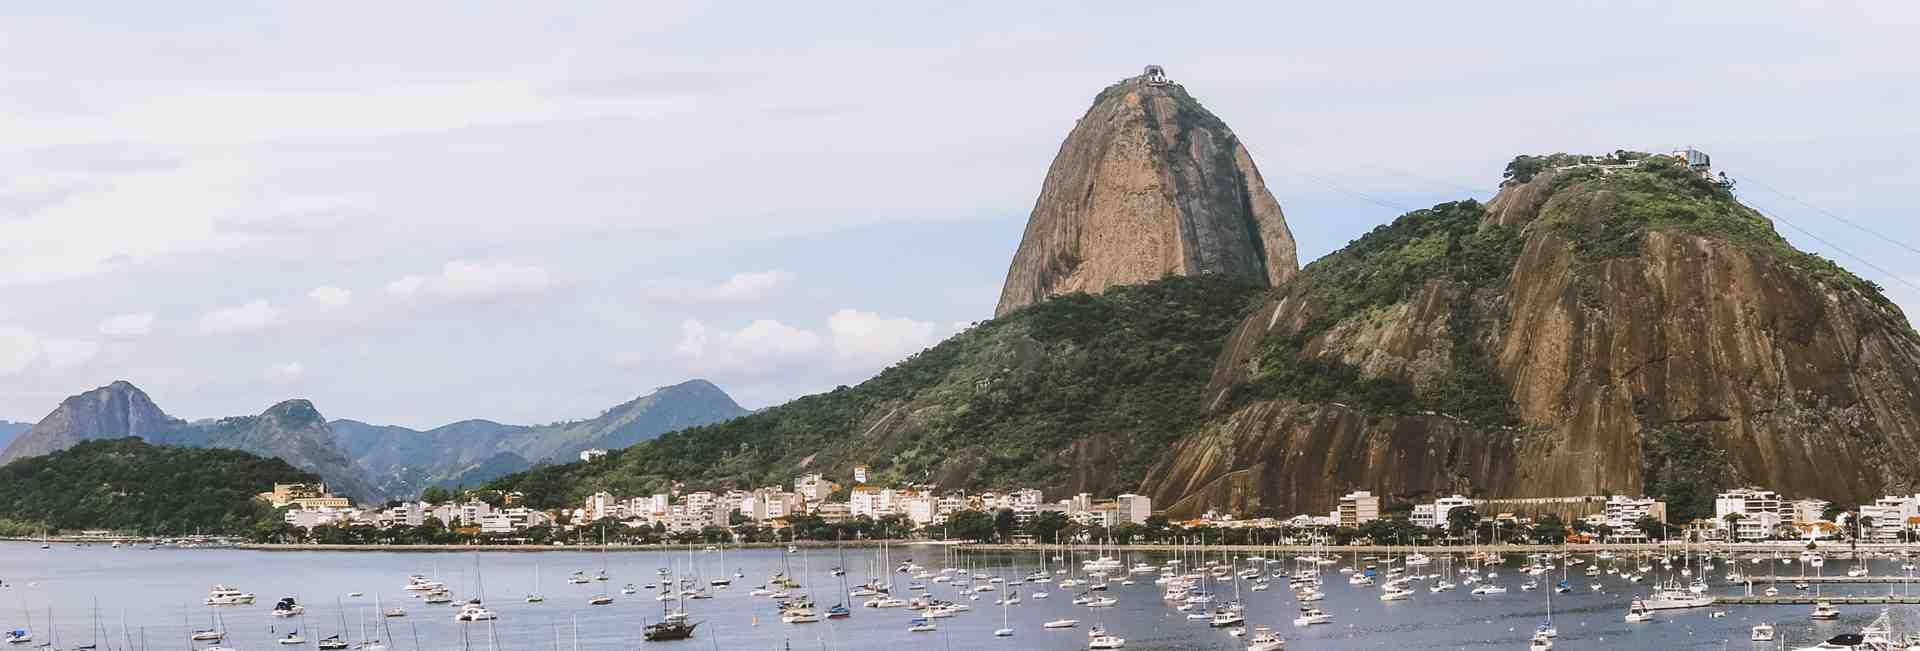 ברזיל- דרום אמריקה